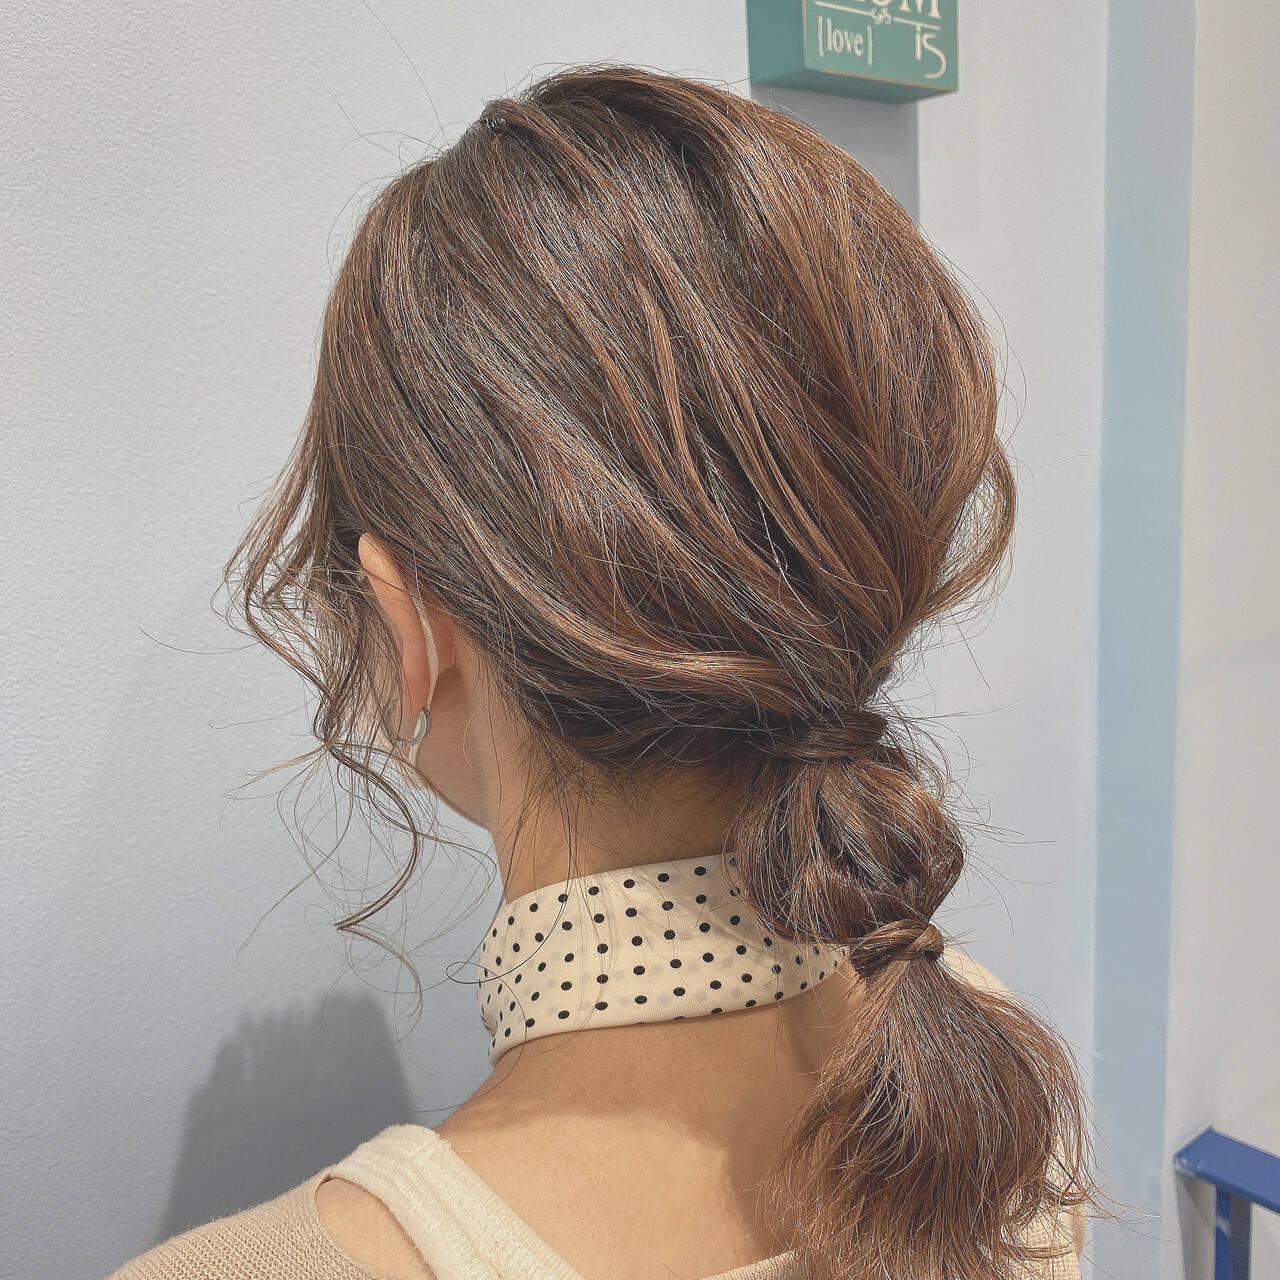 ローポニー ベージュ ヘアアレンジ 簡単ヘアアレンジヘアスタイルや髪型の写真・画像